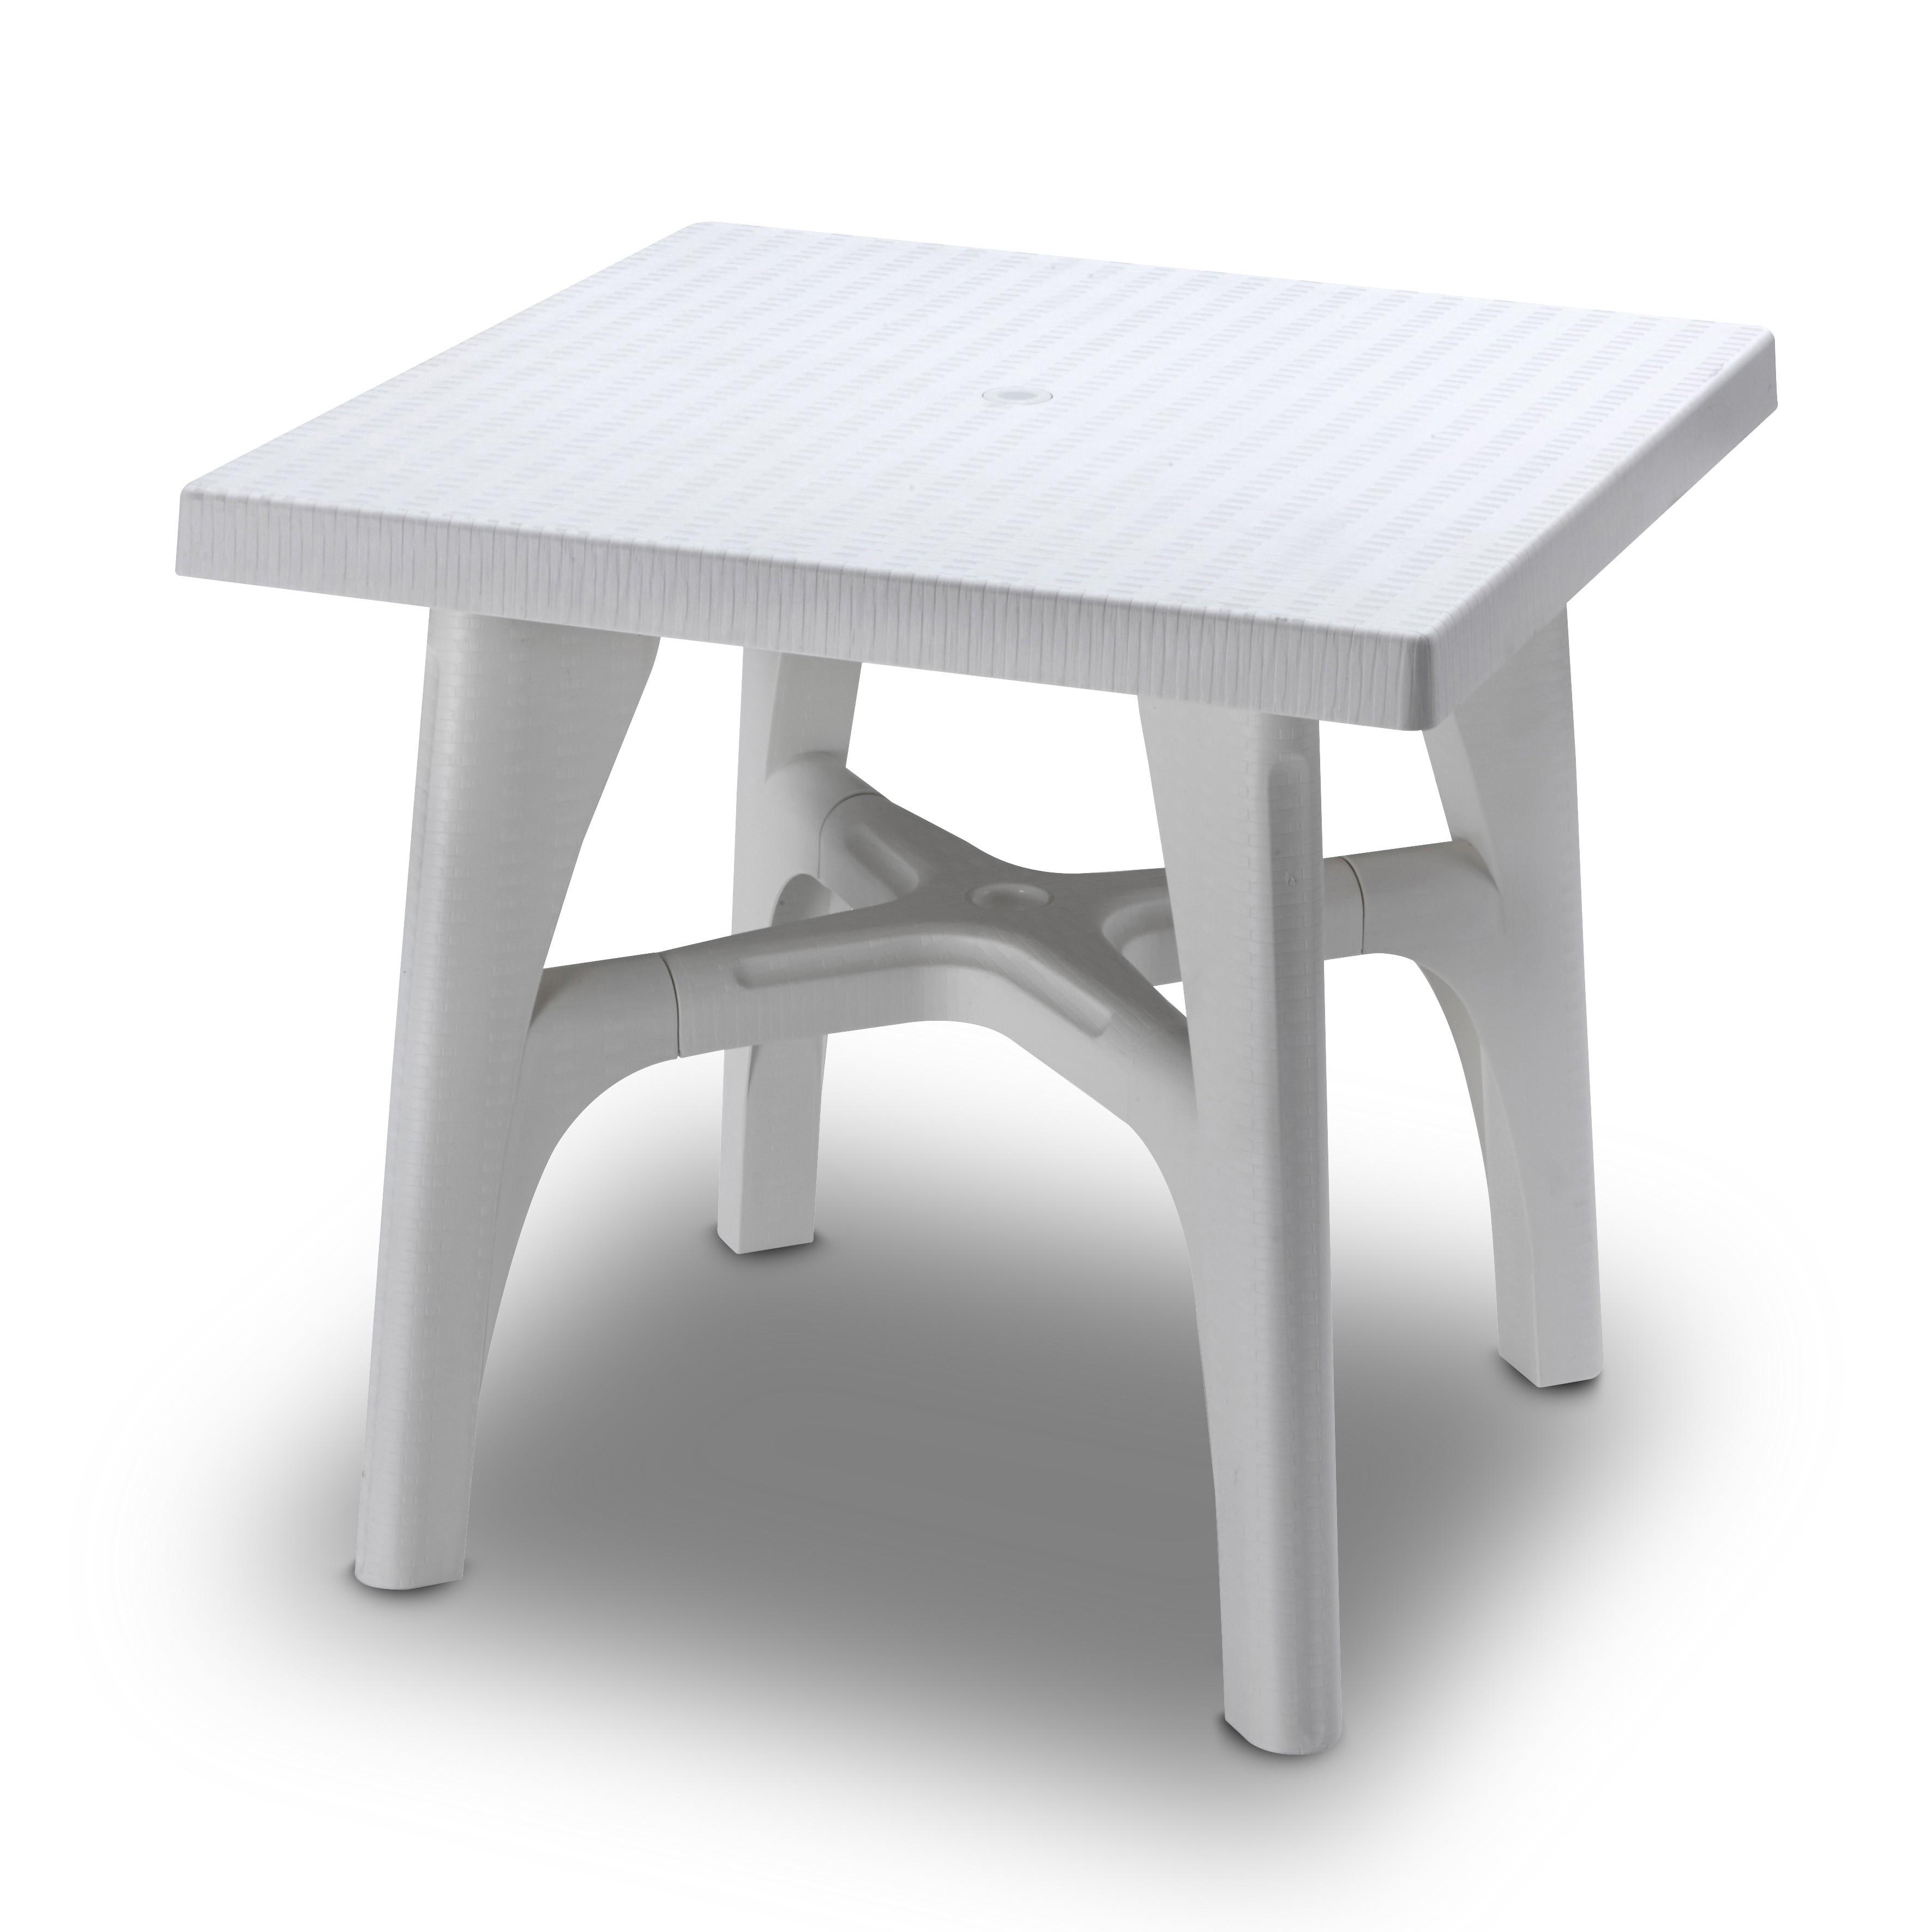 Intrecciato in resina cm 80x80 quadrato plastica colorata tavolo ...